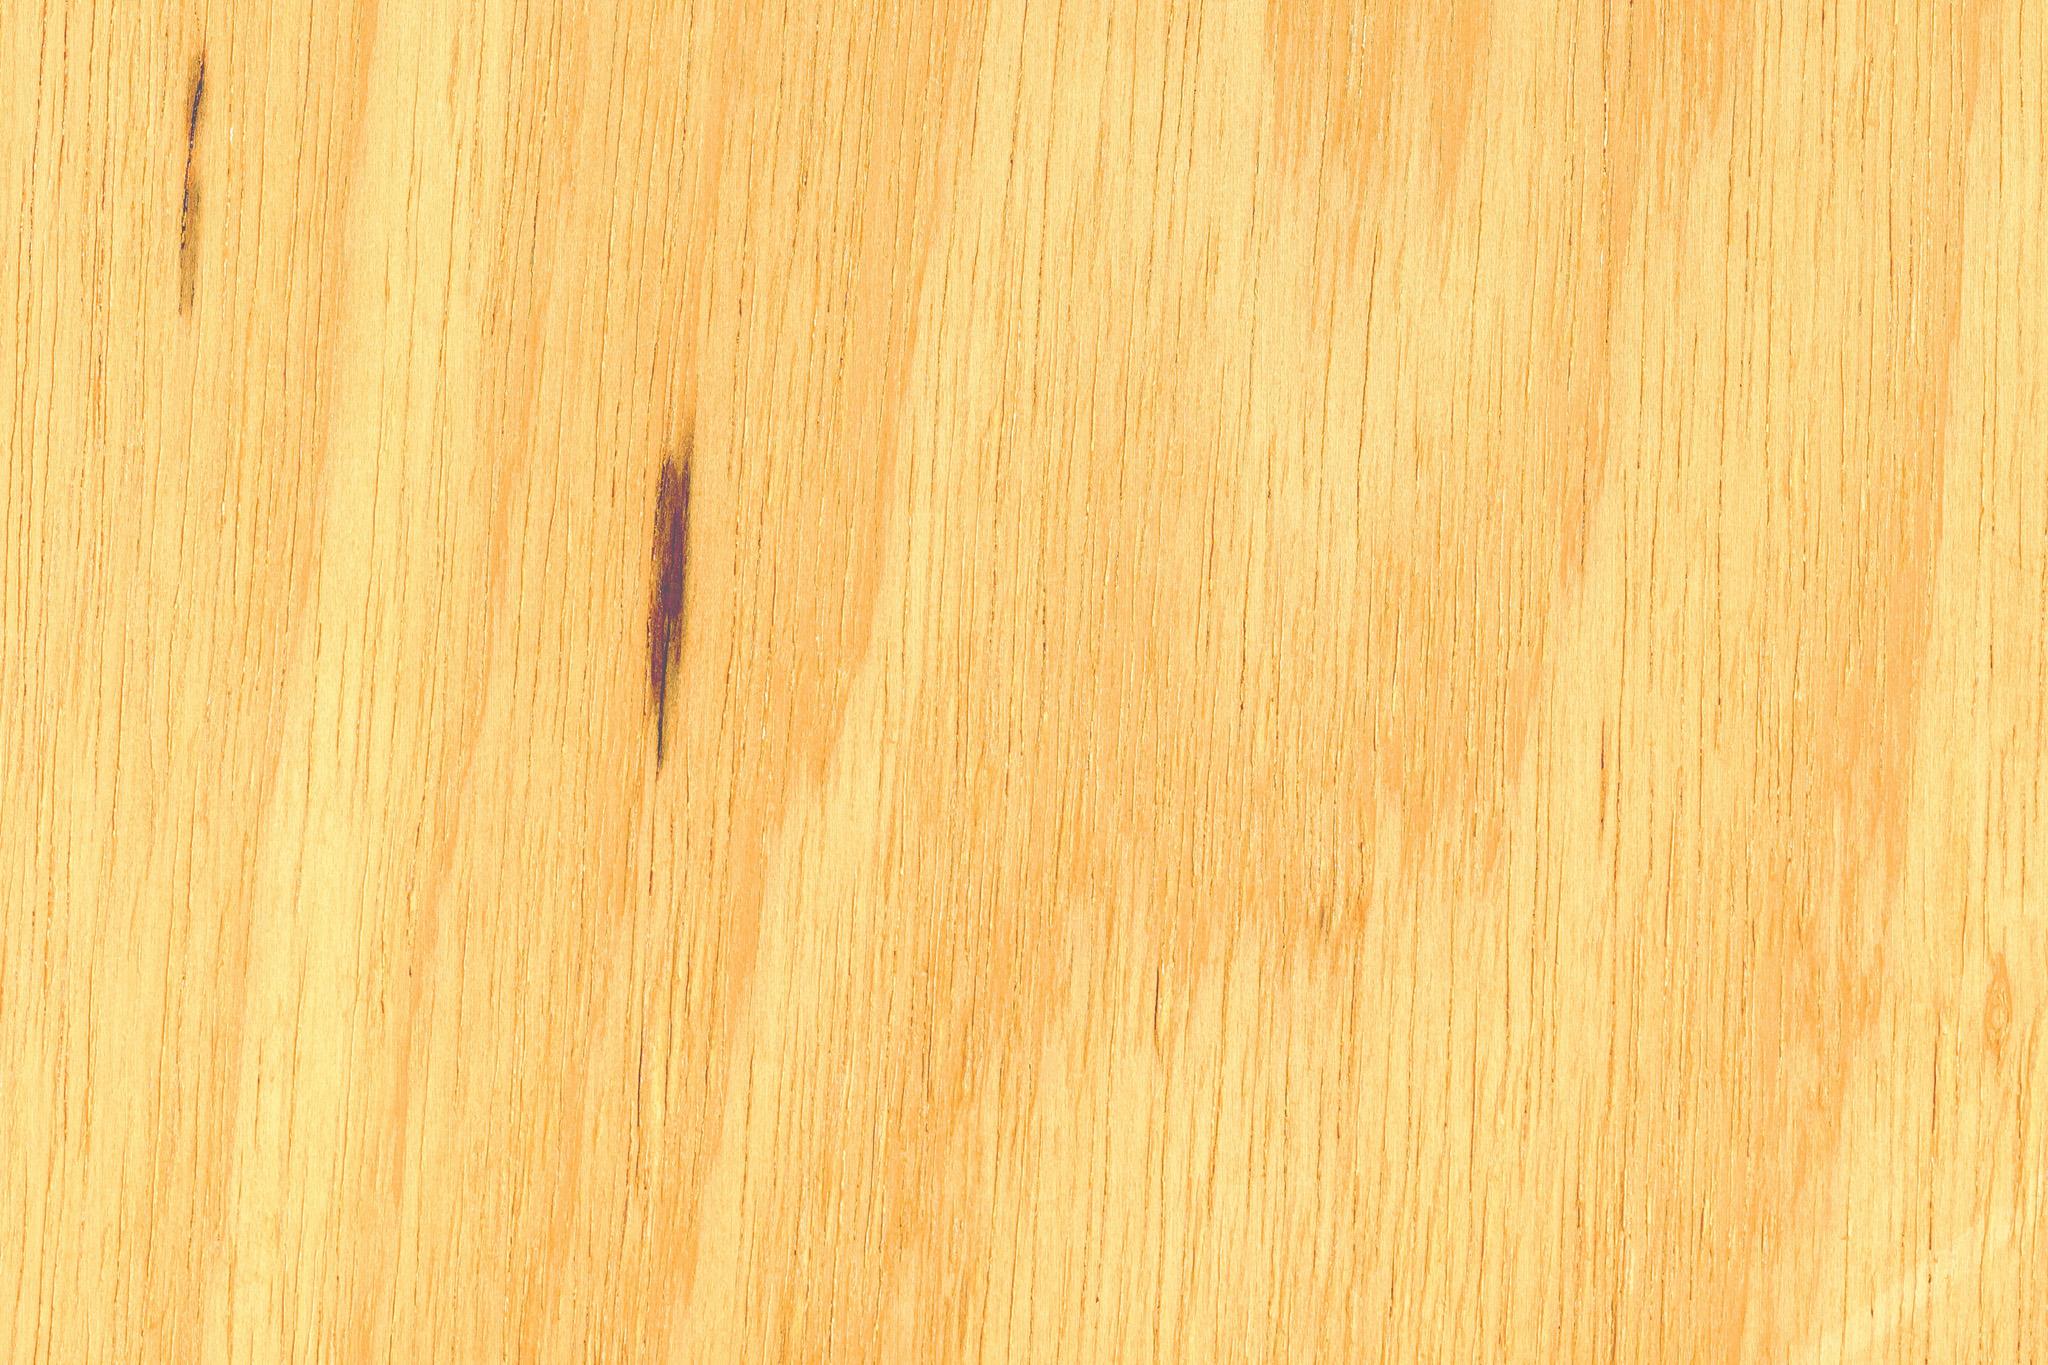 縦筋のある合板のテクスチャ